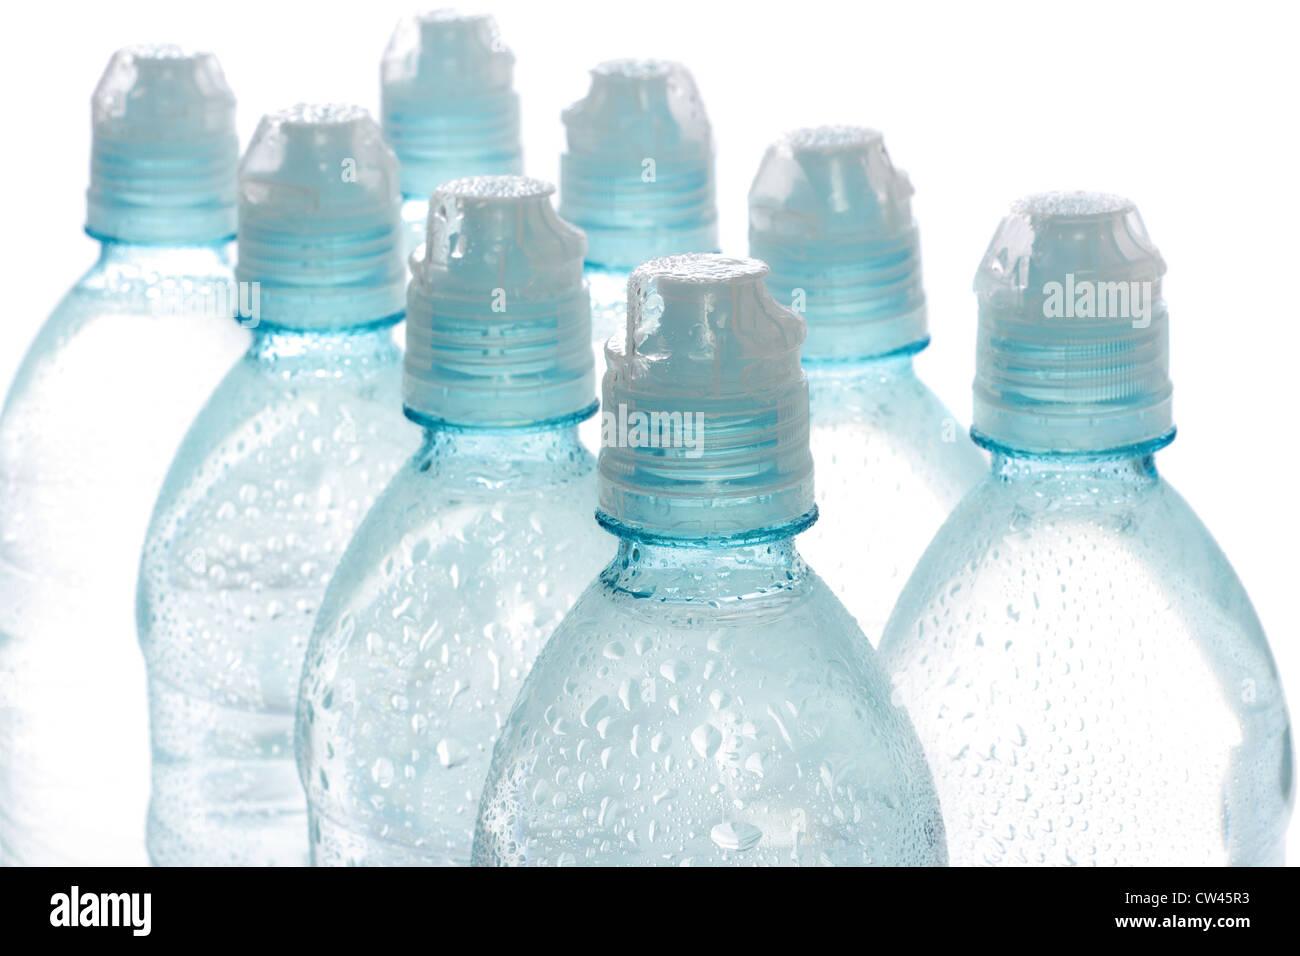 Acqua in bottiglia isolate su uno sfondo bianco Immagini Stock